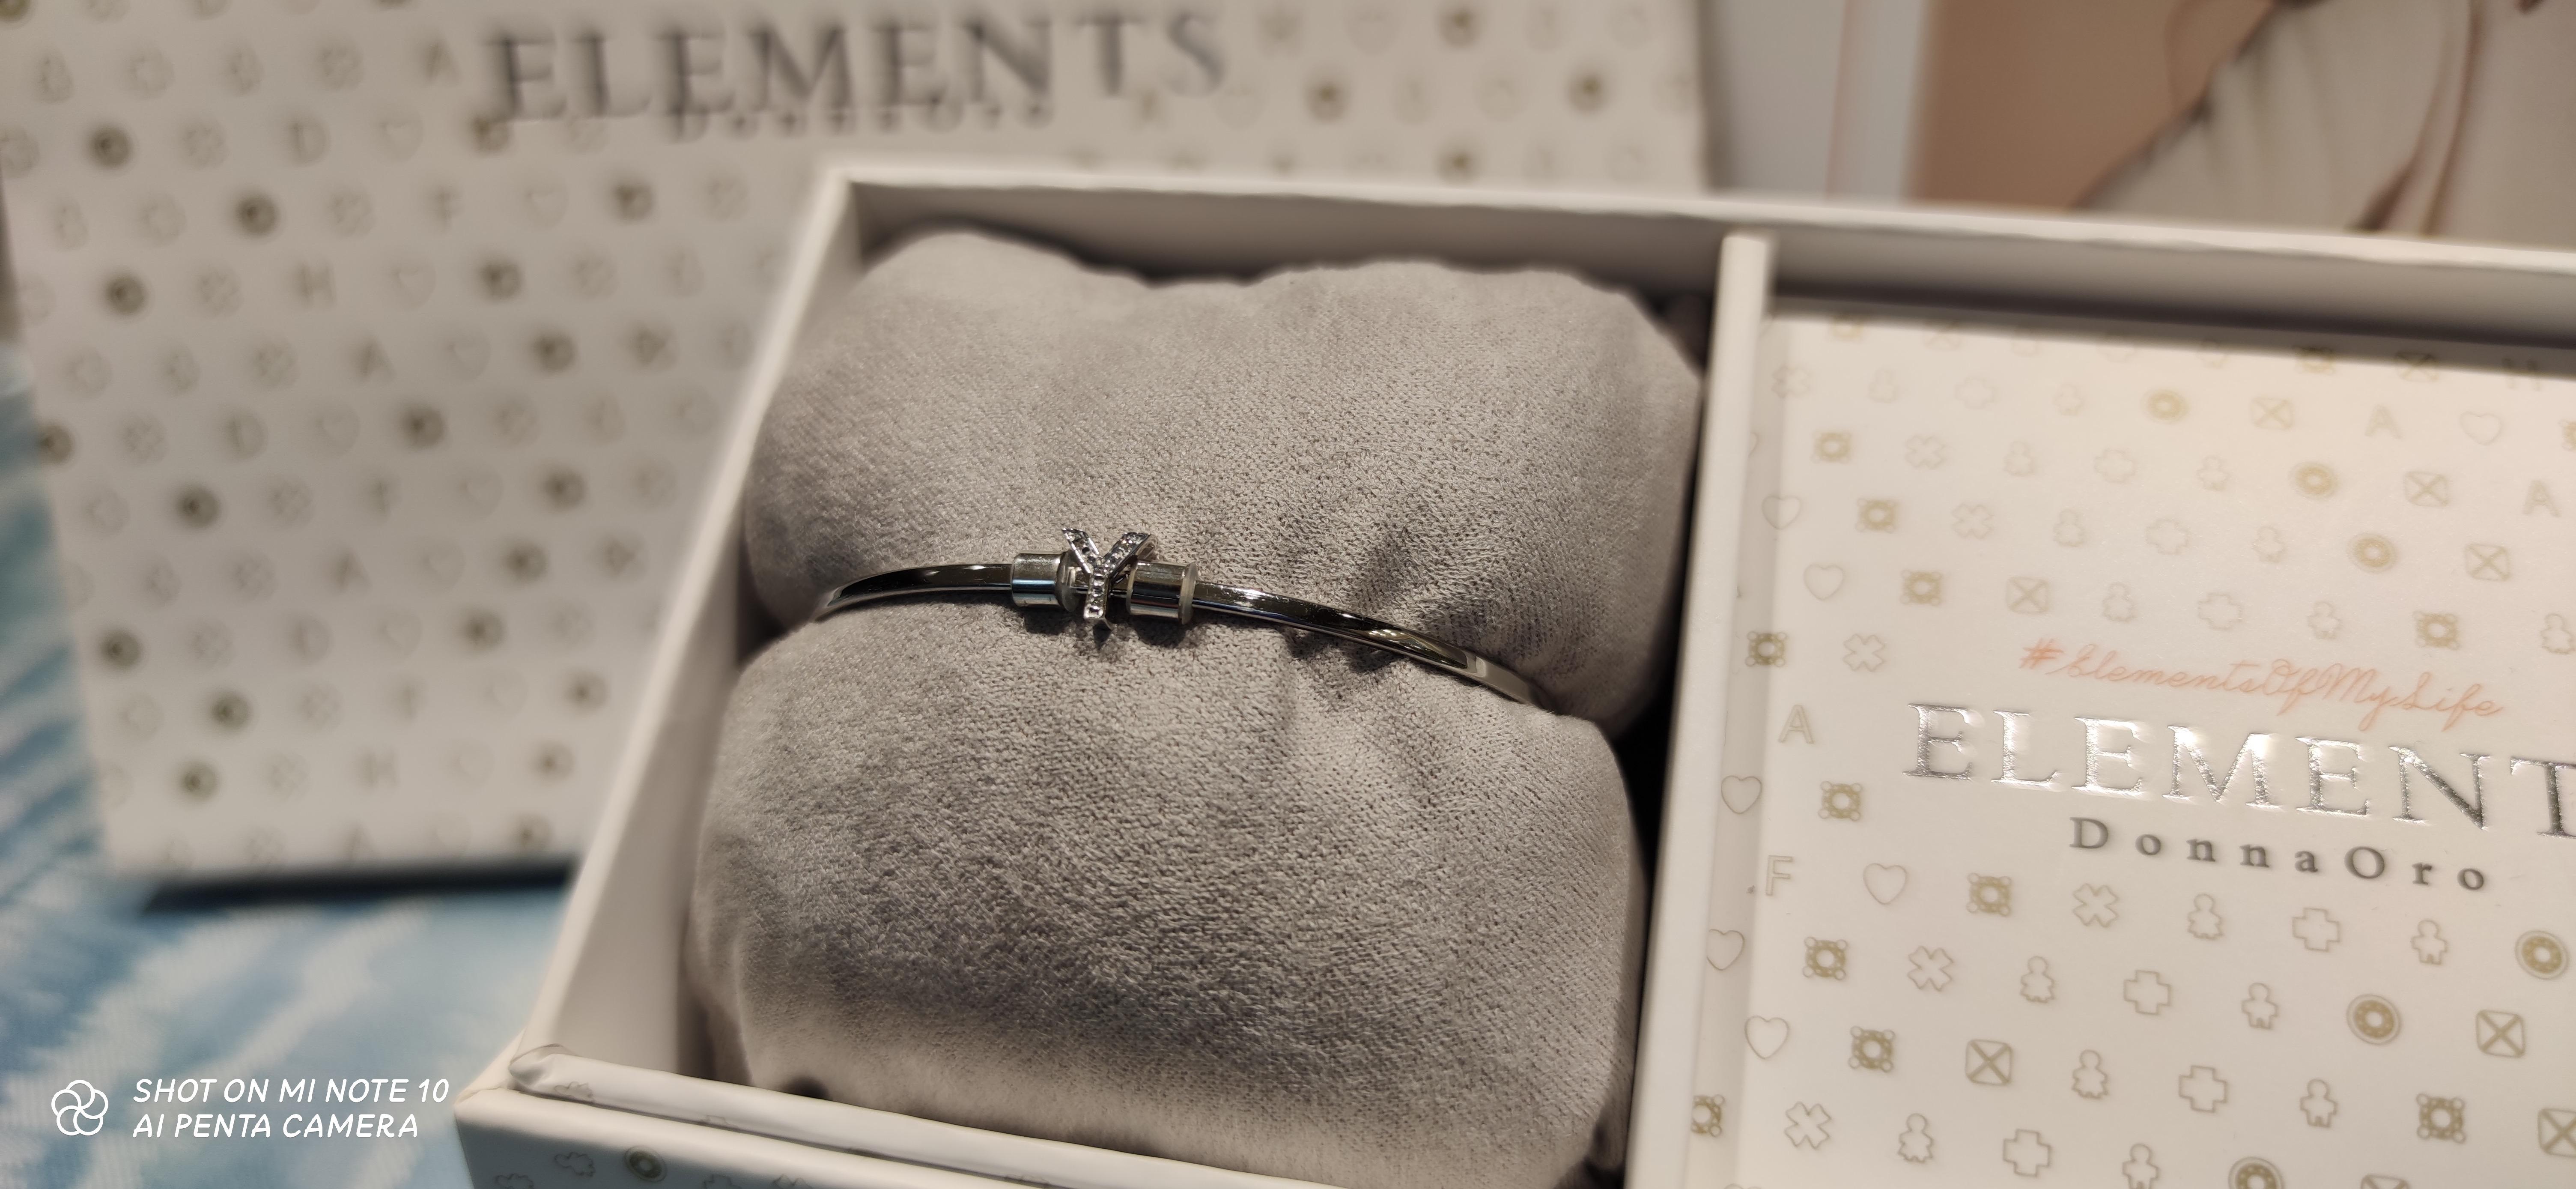 Bracciale Elements Donnaoro con Iniziale Y in Oro bianco e diamanti